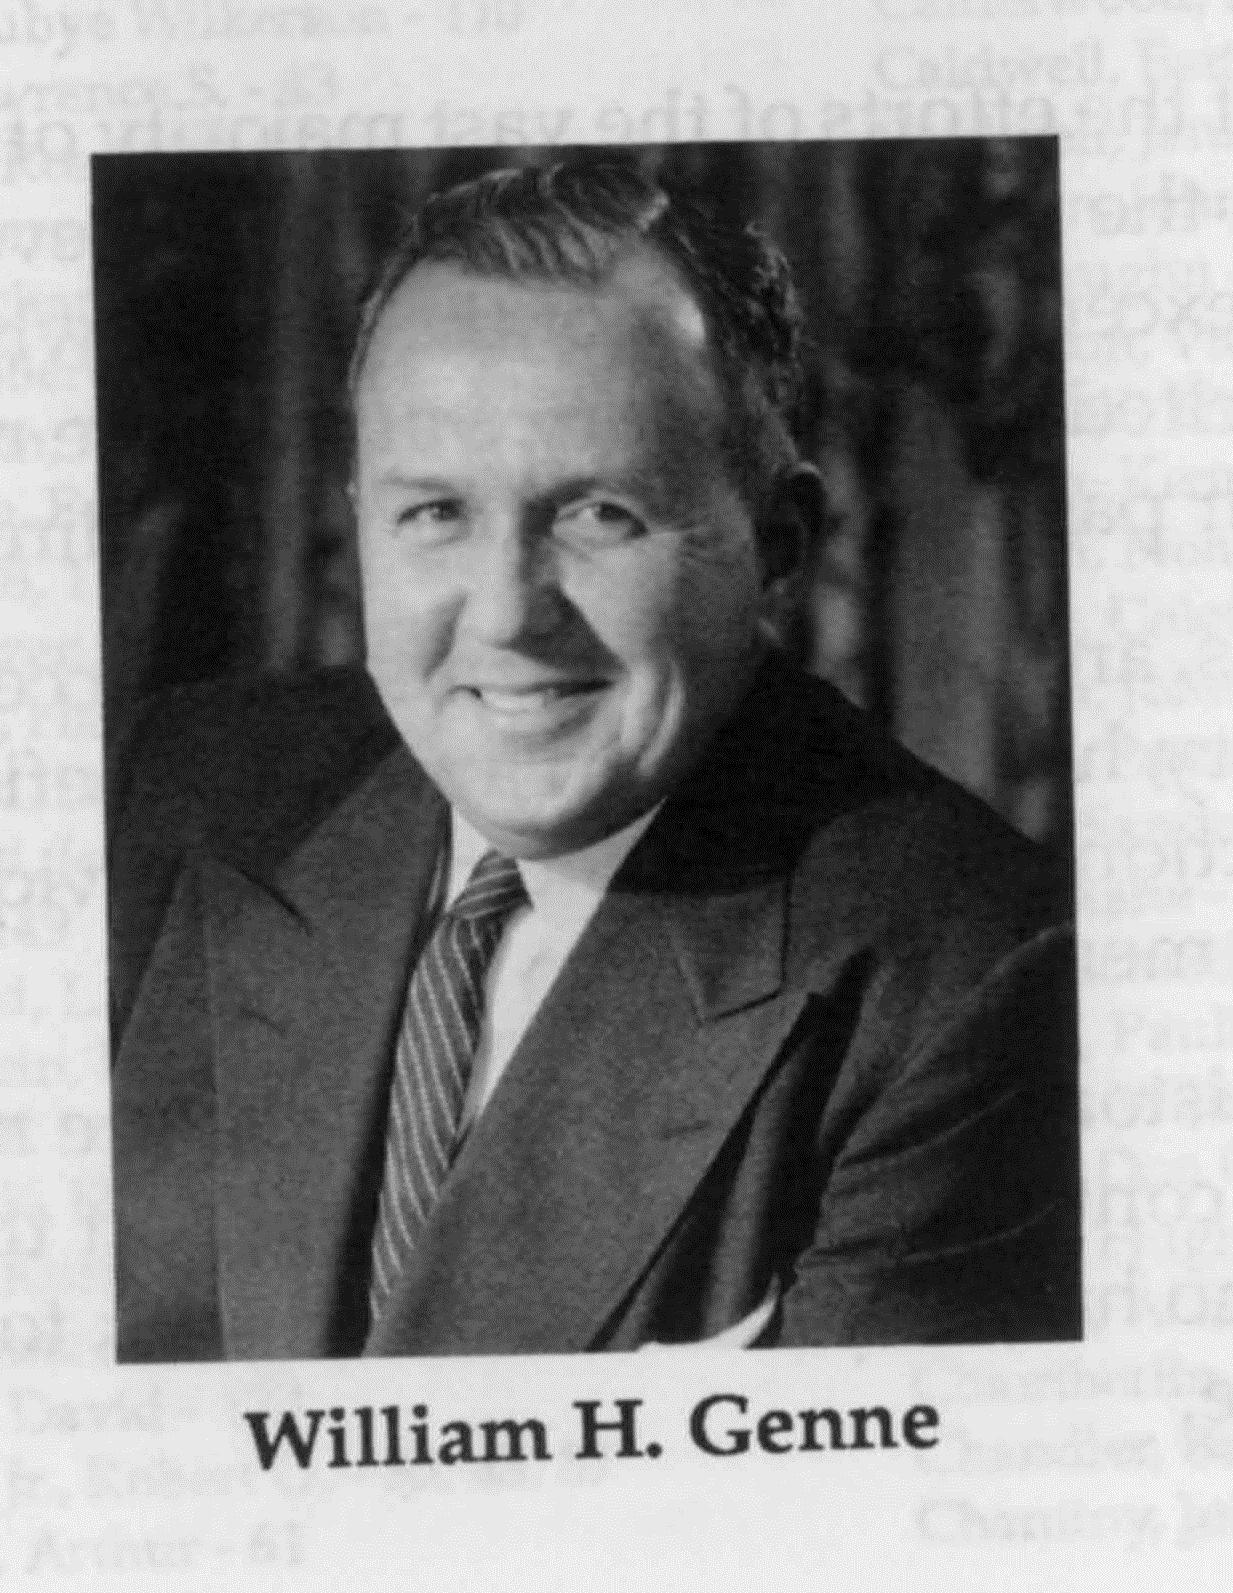 William Genne